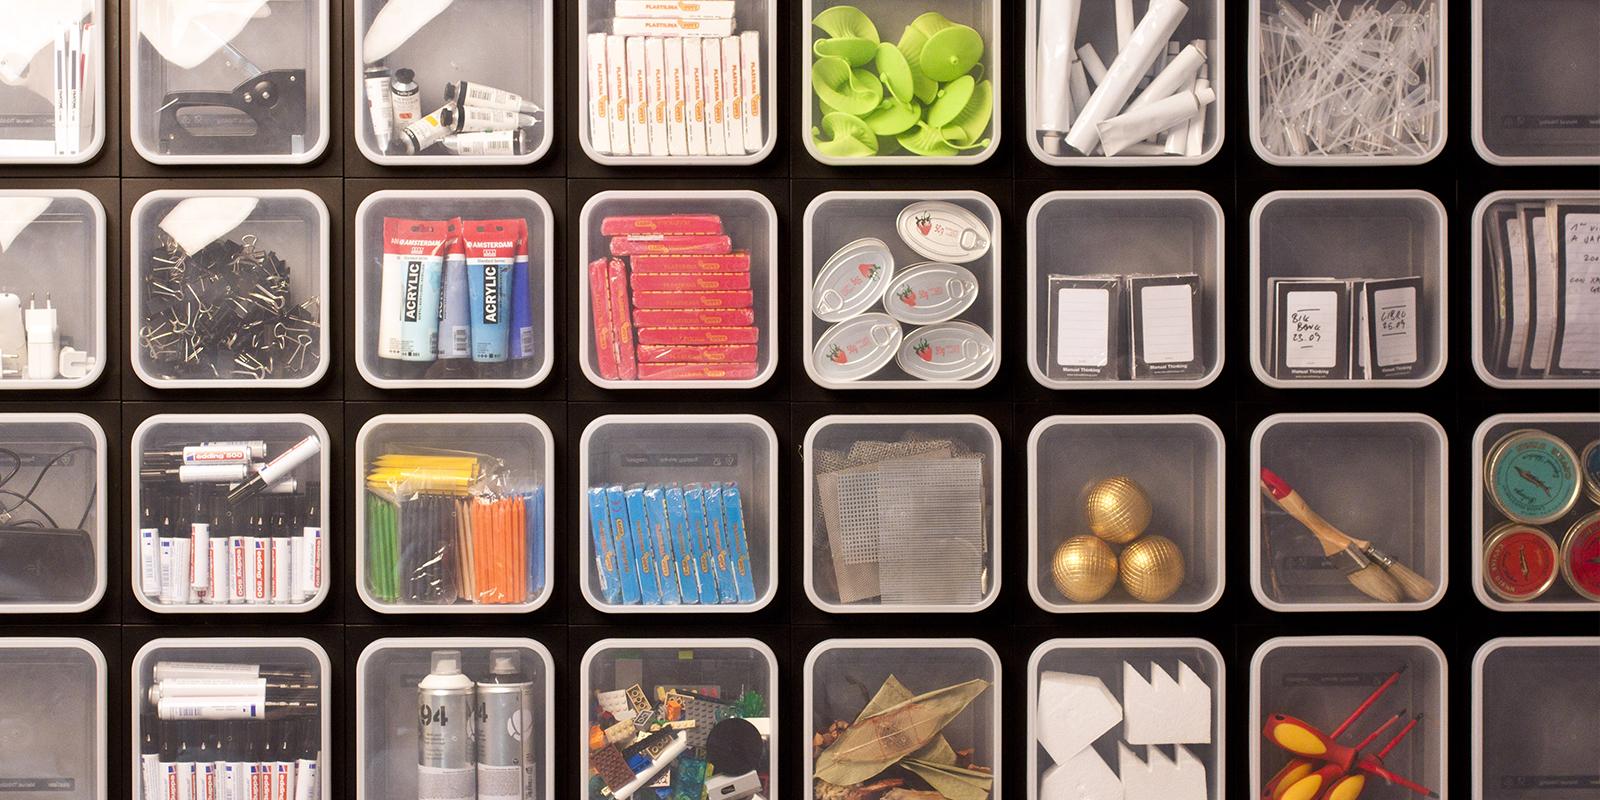 manual-thinking-box-studio-2.jpg